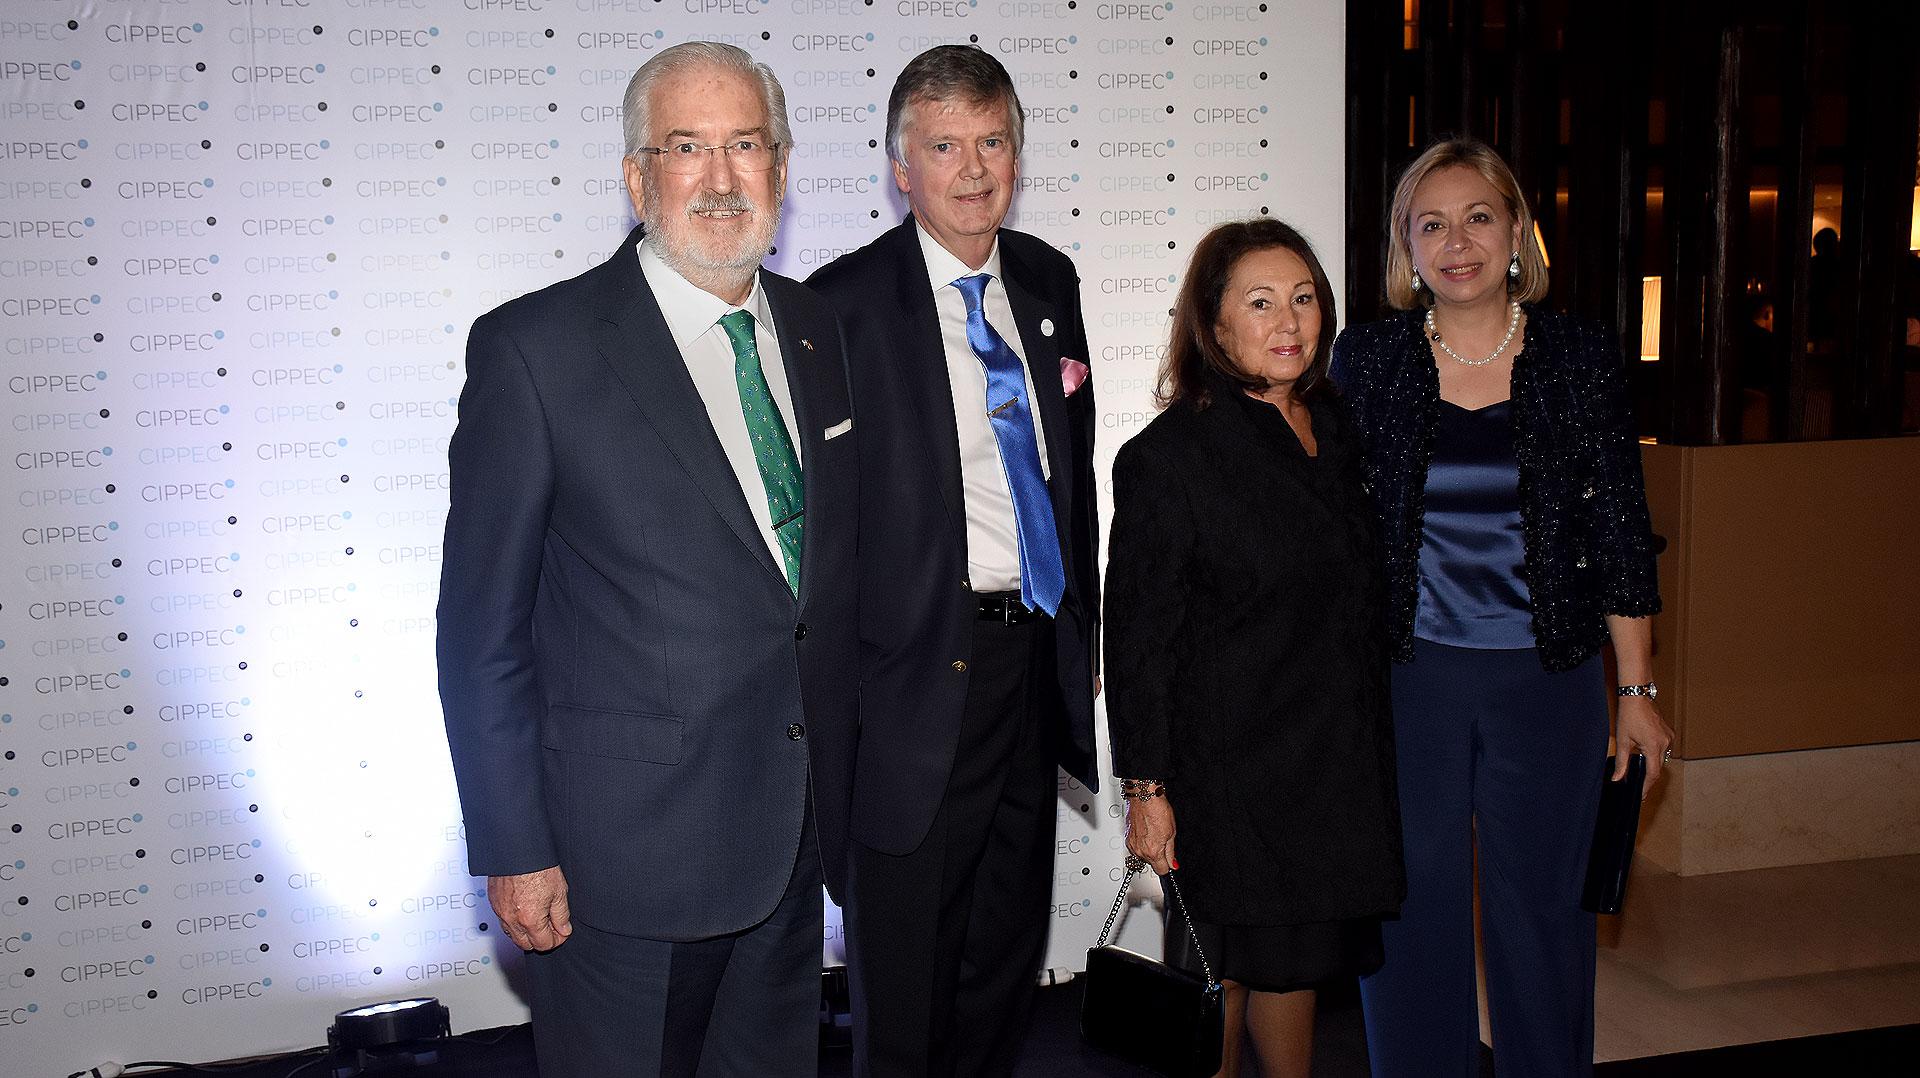 El embajador de España en Argentina, Estanislao de Grandes Pascual, y Guillermo Stanley